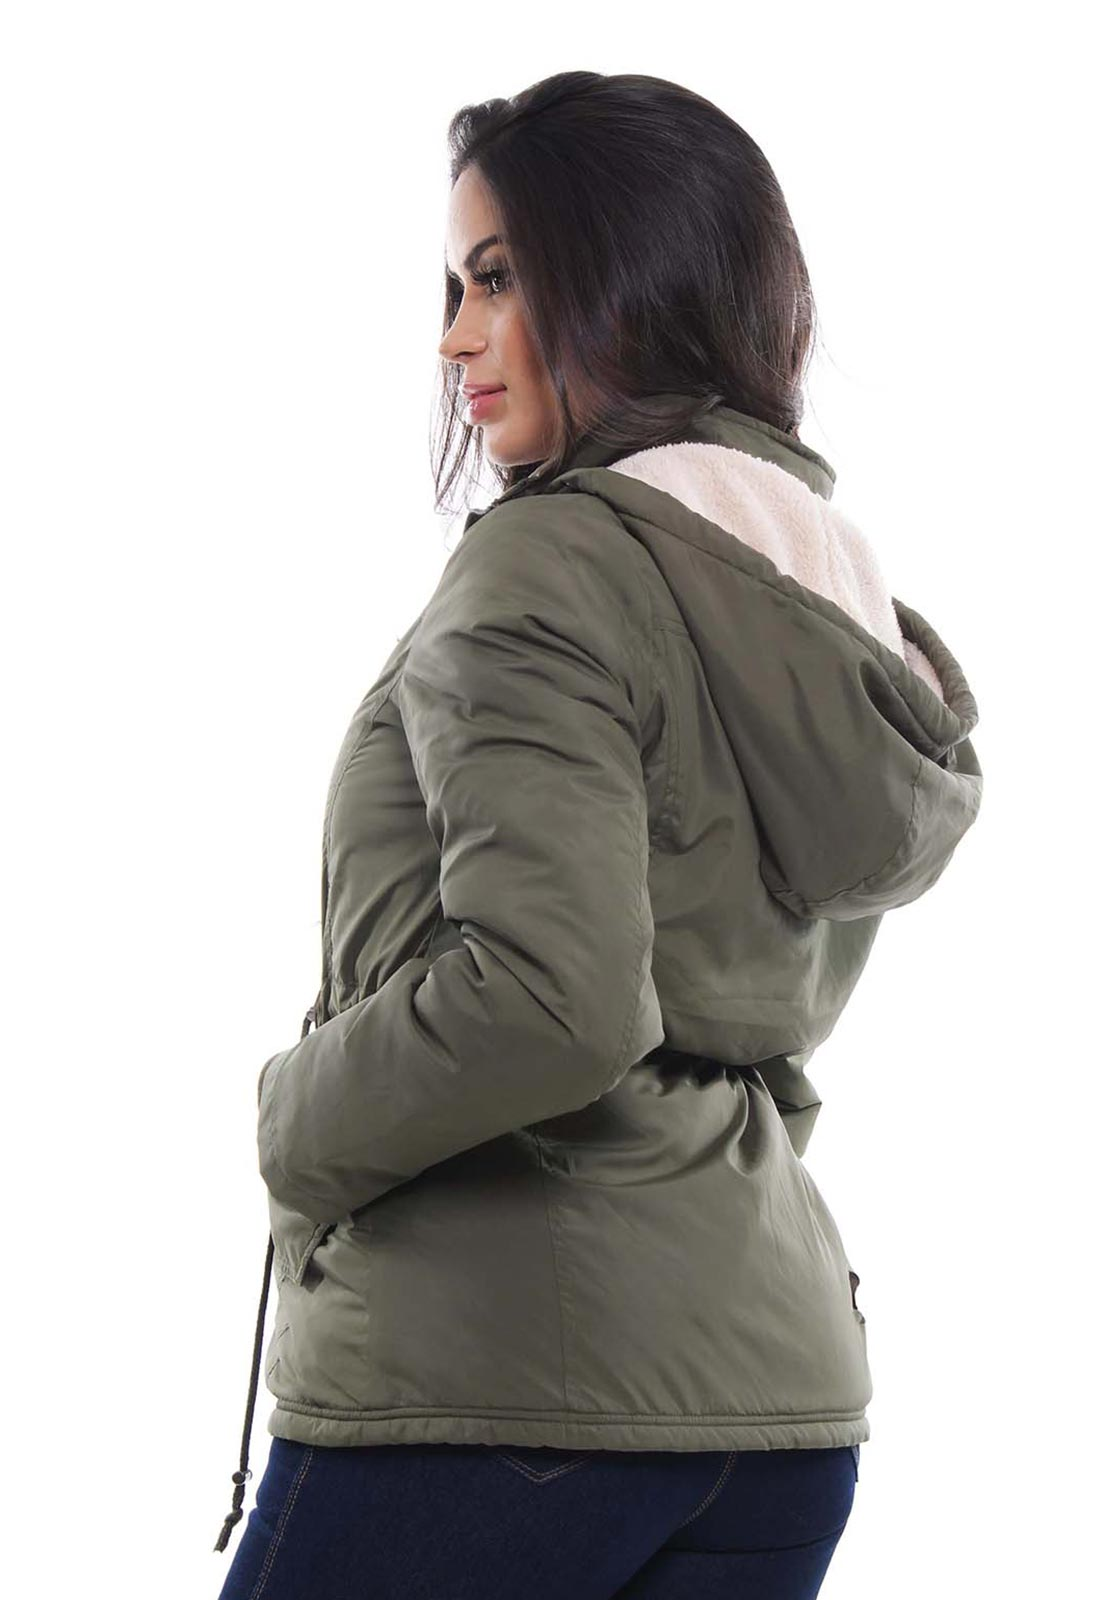 Jaqueta Parka Feminina com Capuz Crocker - 47795  - CROCKER JEANS